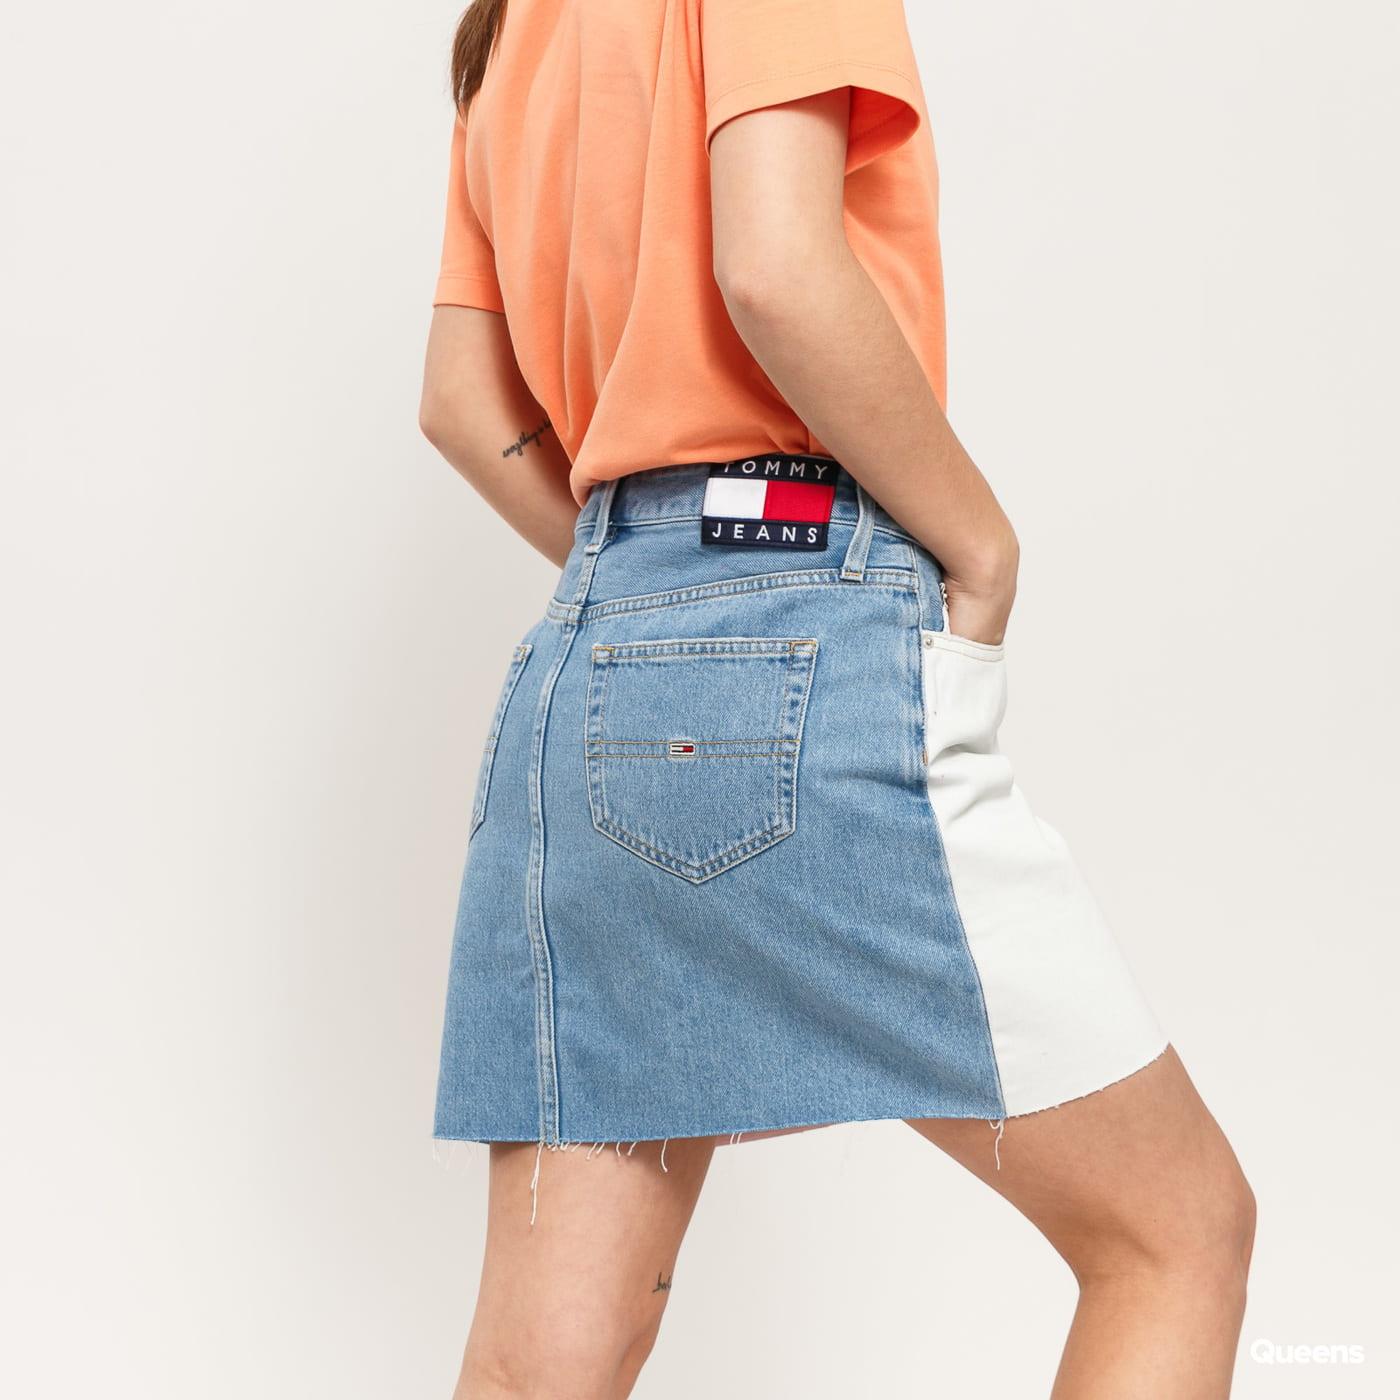 TOMMY JEANS W Short Denim Skirt tommy flag lt bl rig